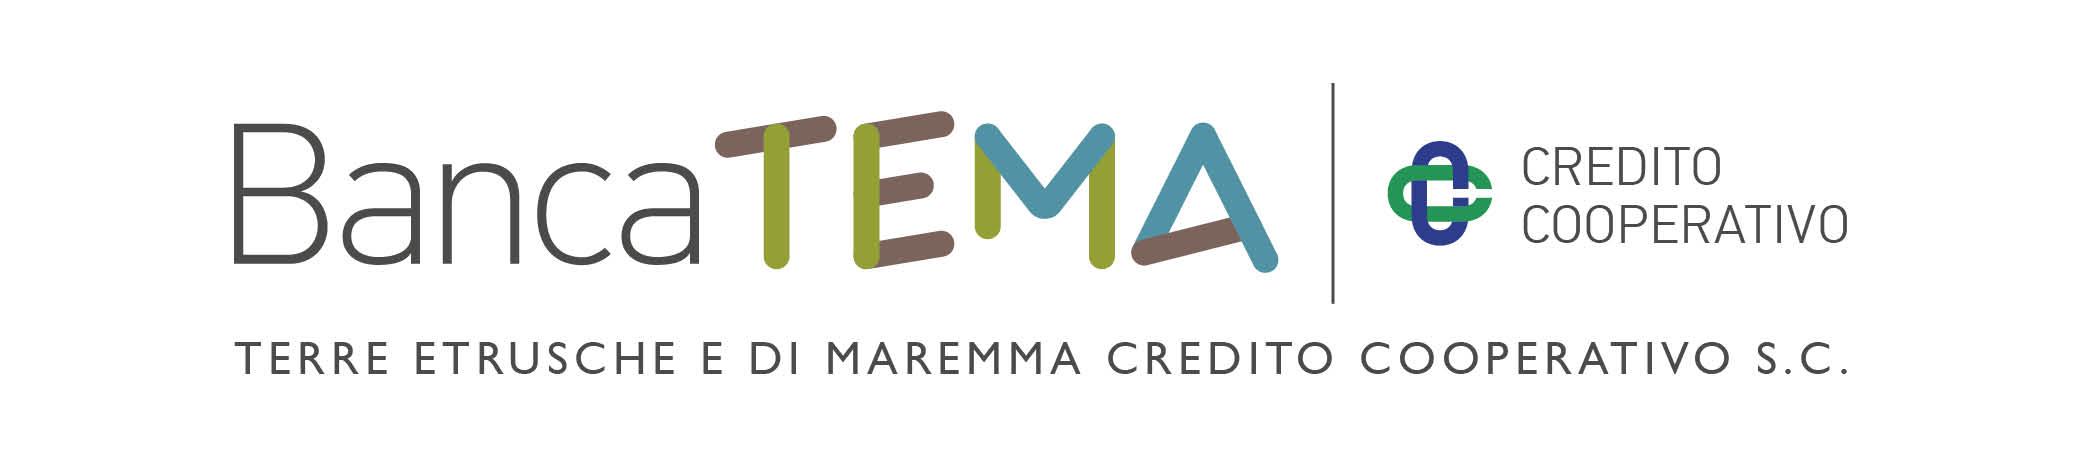 Logo Banca TEMA